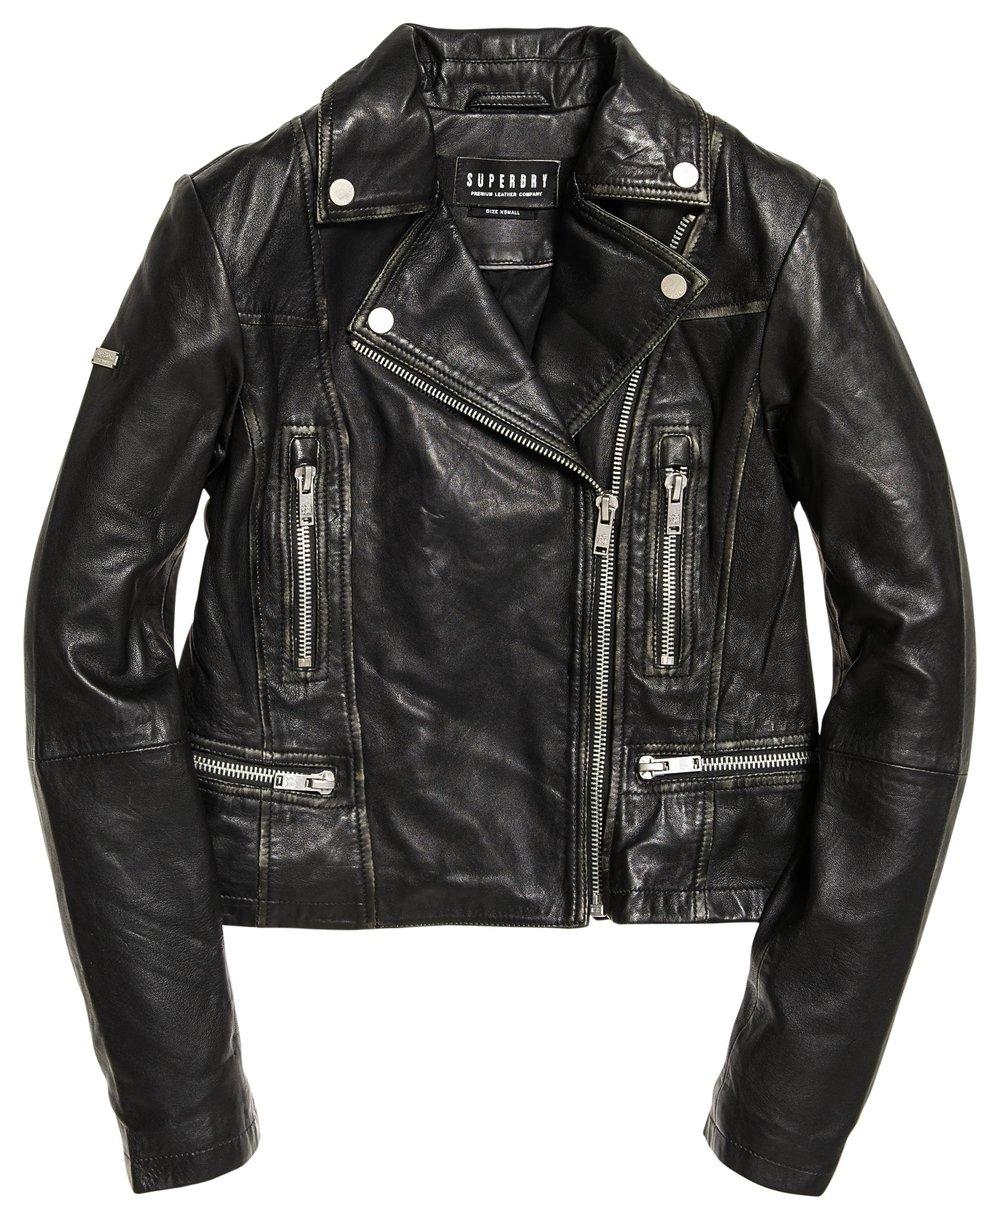 Superdry L.A Leather Biker Jacket £149.99 www.superdry.com.jpg